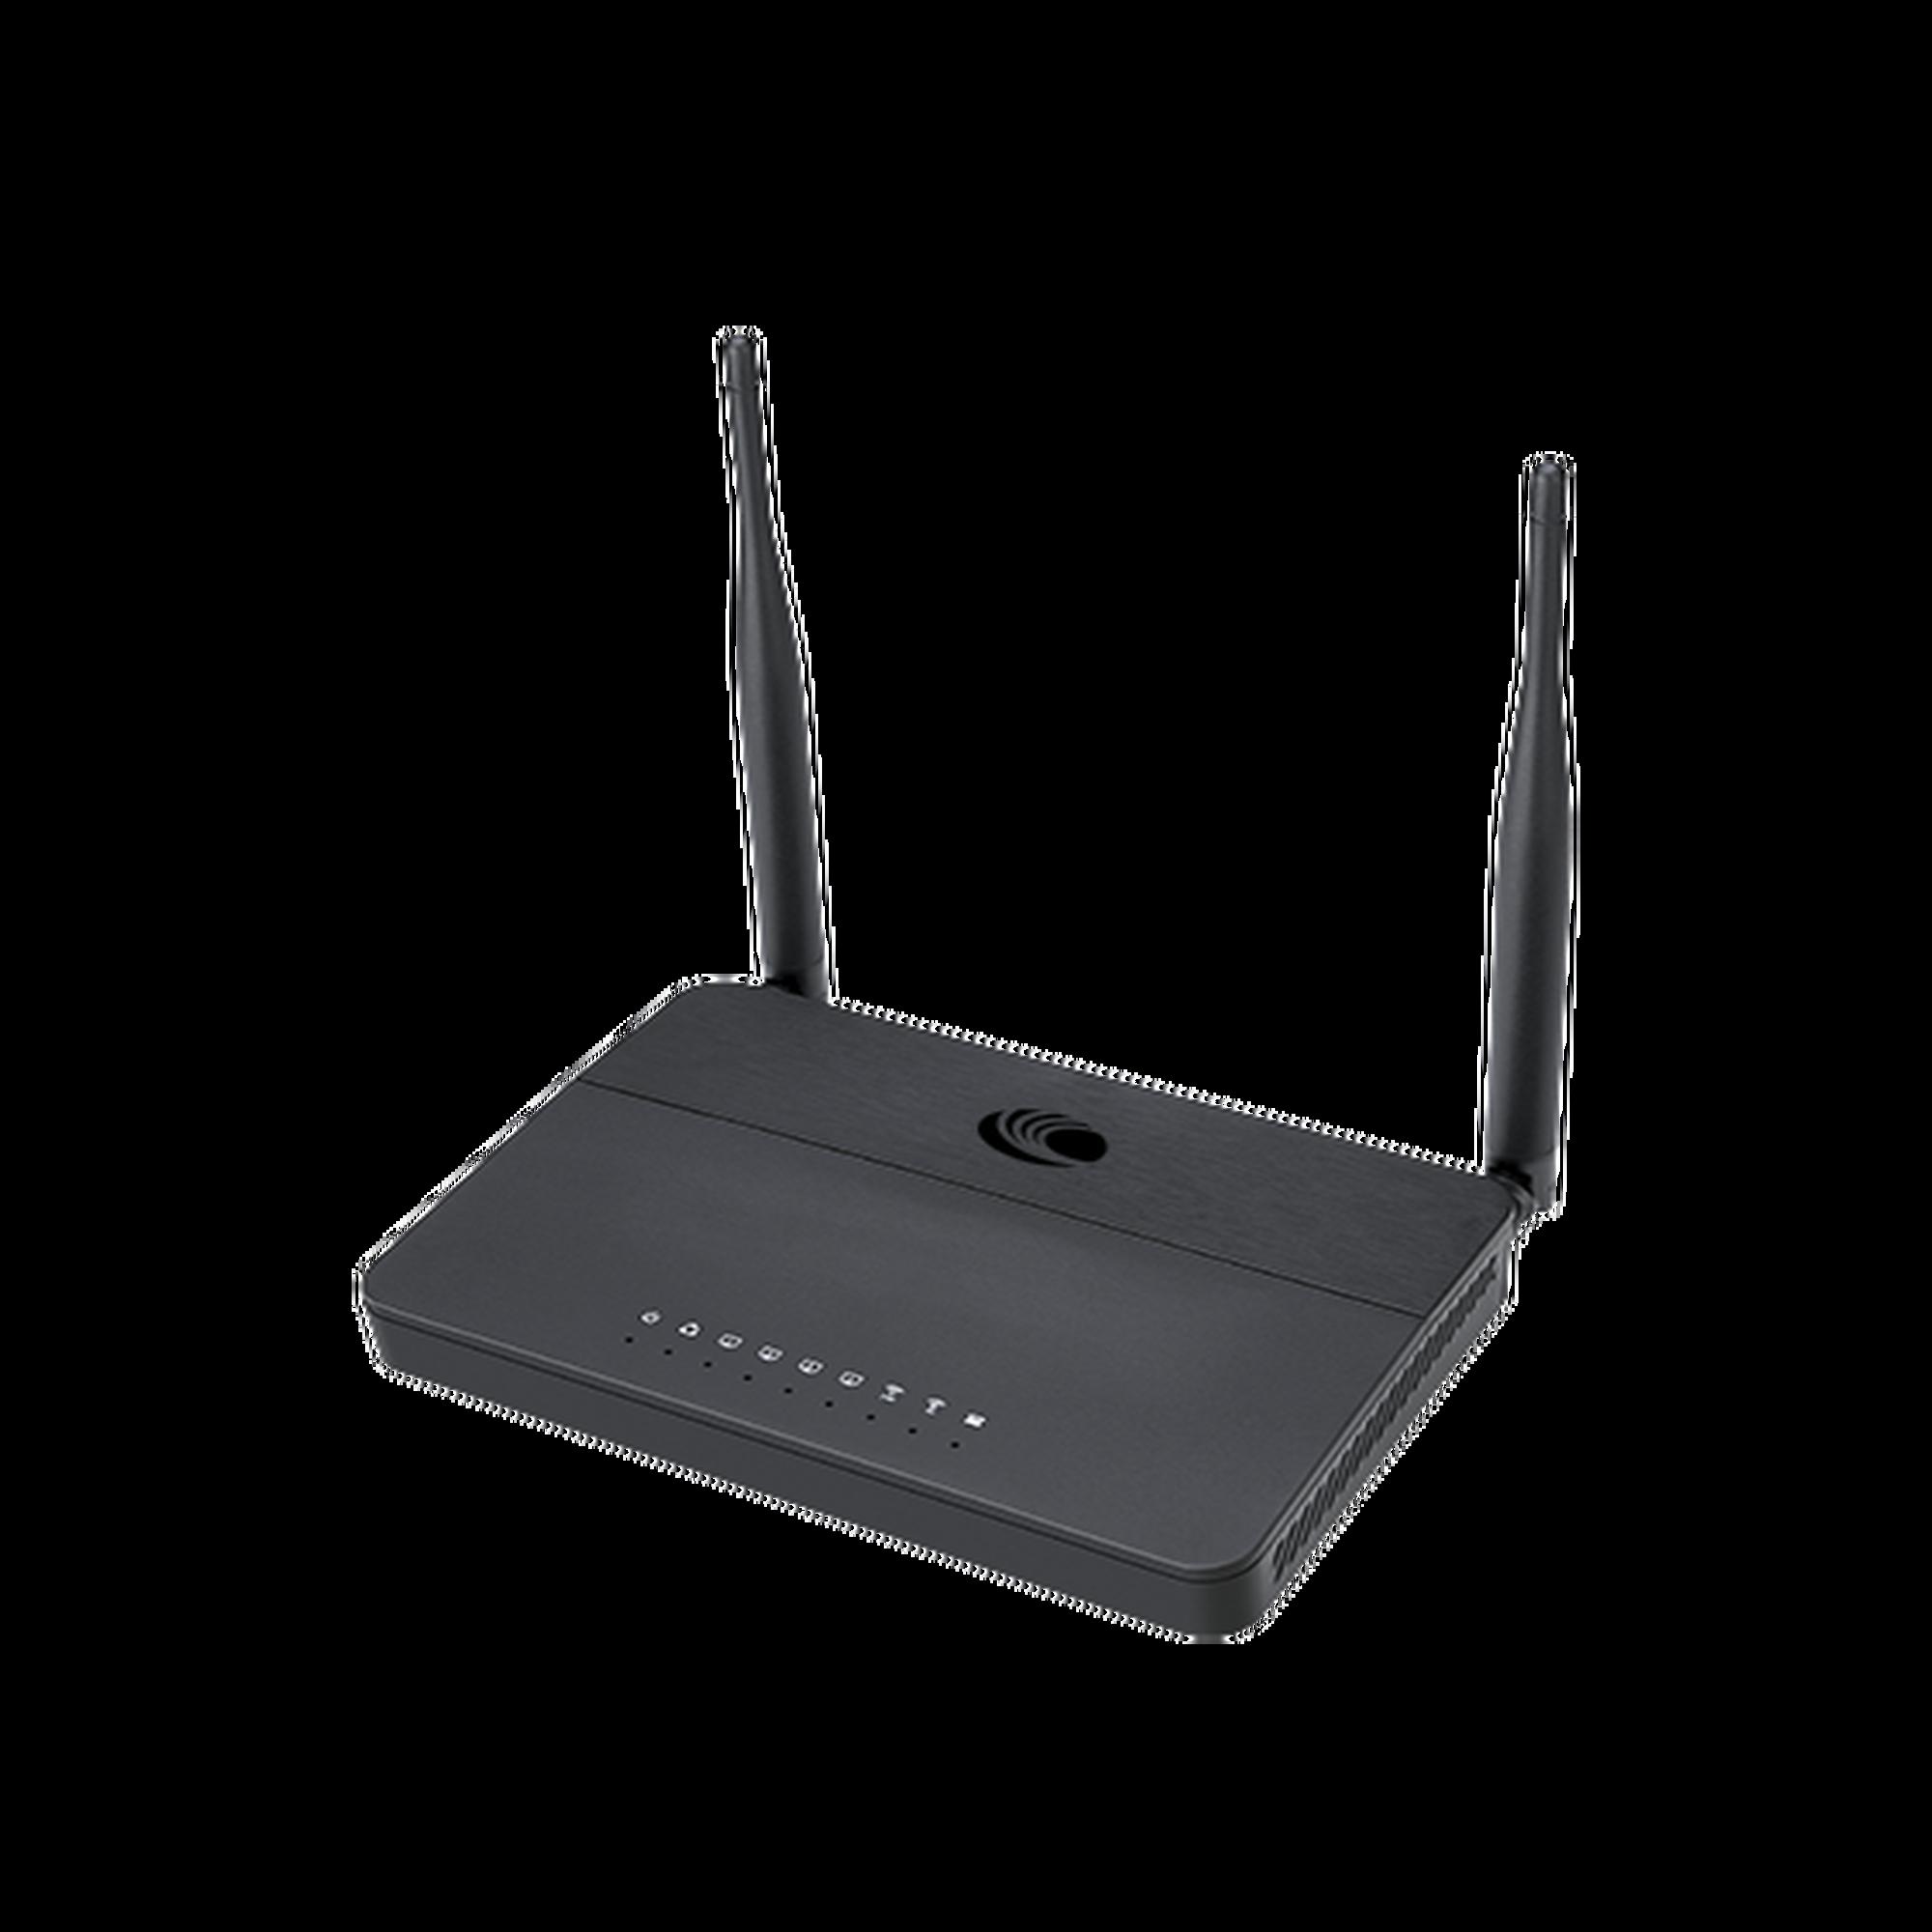 Router residencial cnPilot r195W administracion en la nube, 5 puertos Gigabit, doble banda, ideal para incrementar experiencia en streaming